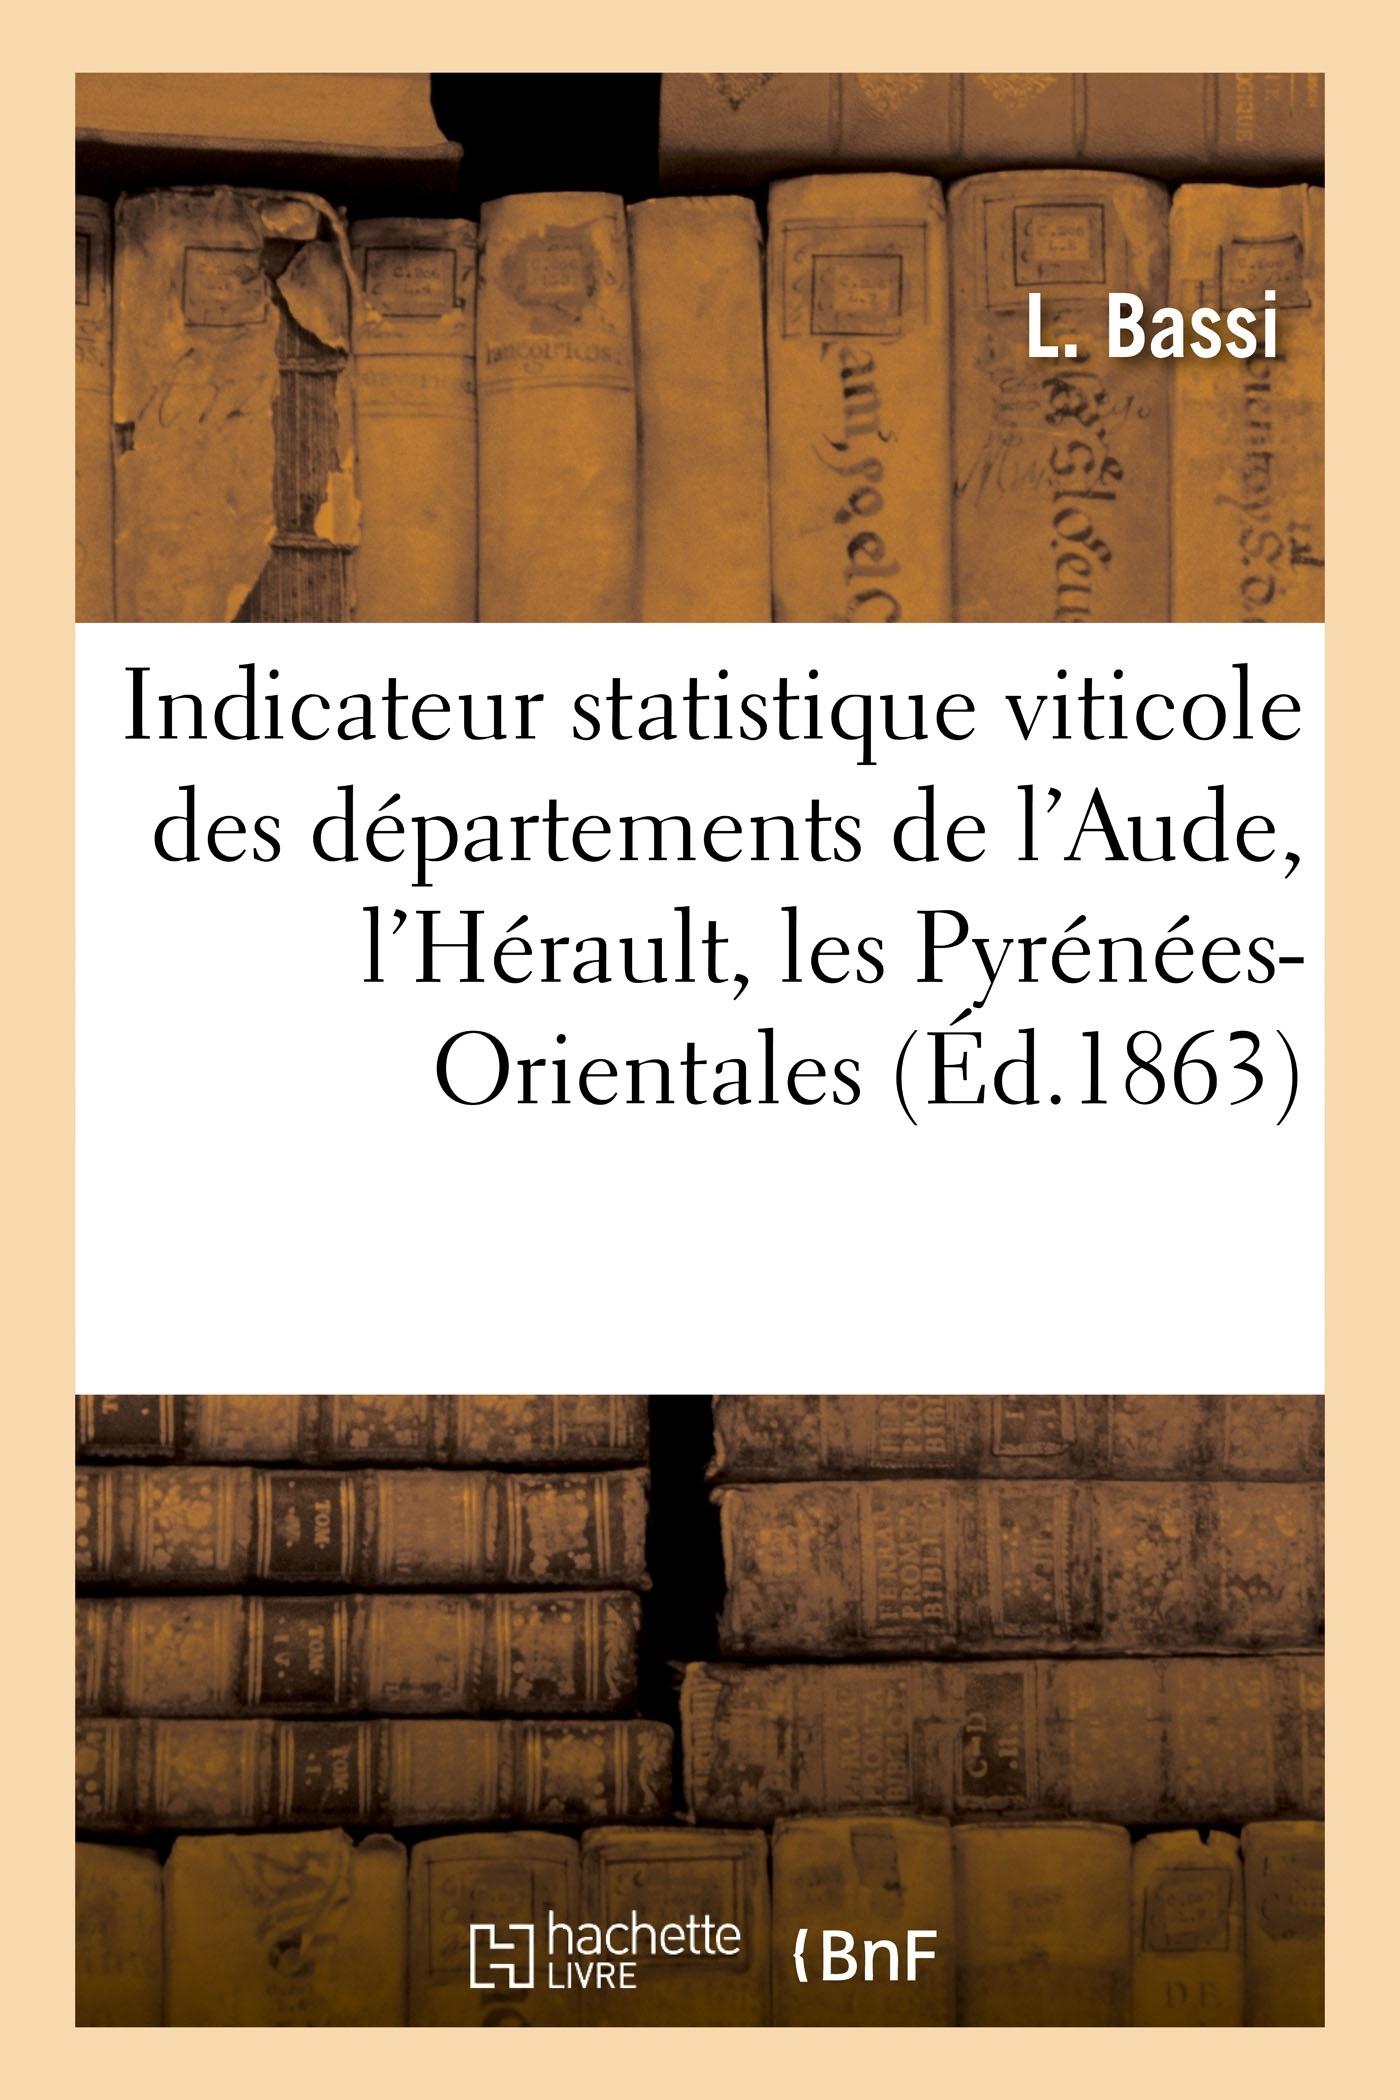 INDICATEUR STATISTIQUE VITICOLE DES DEPARTEMENTS DE L'AUDE, DE L'HERAULT ET DES PYRENEES-ORIENTALES